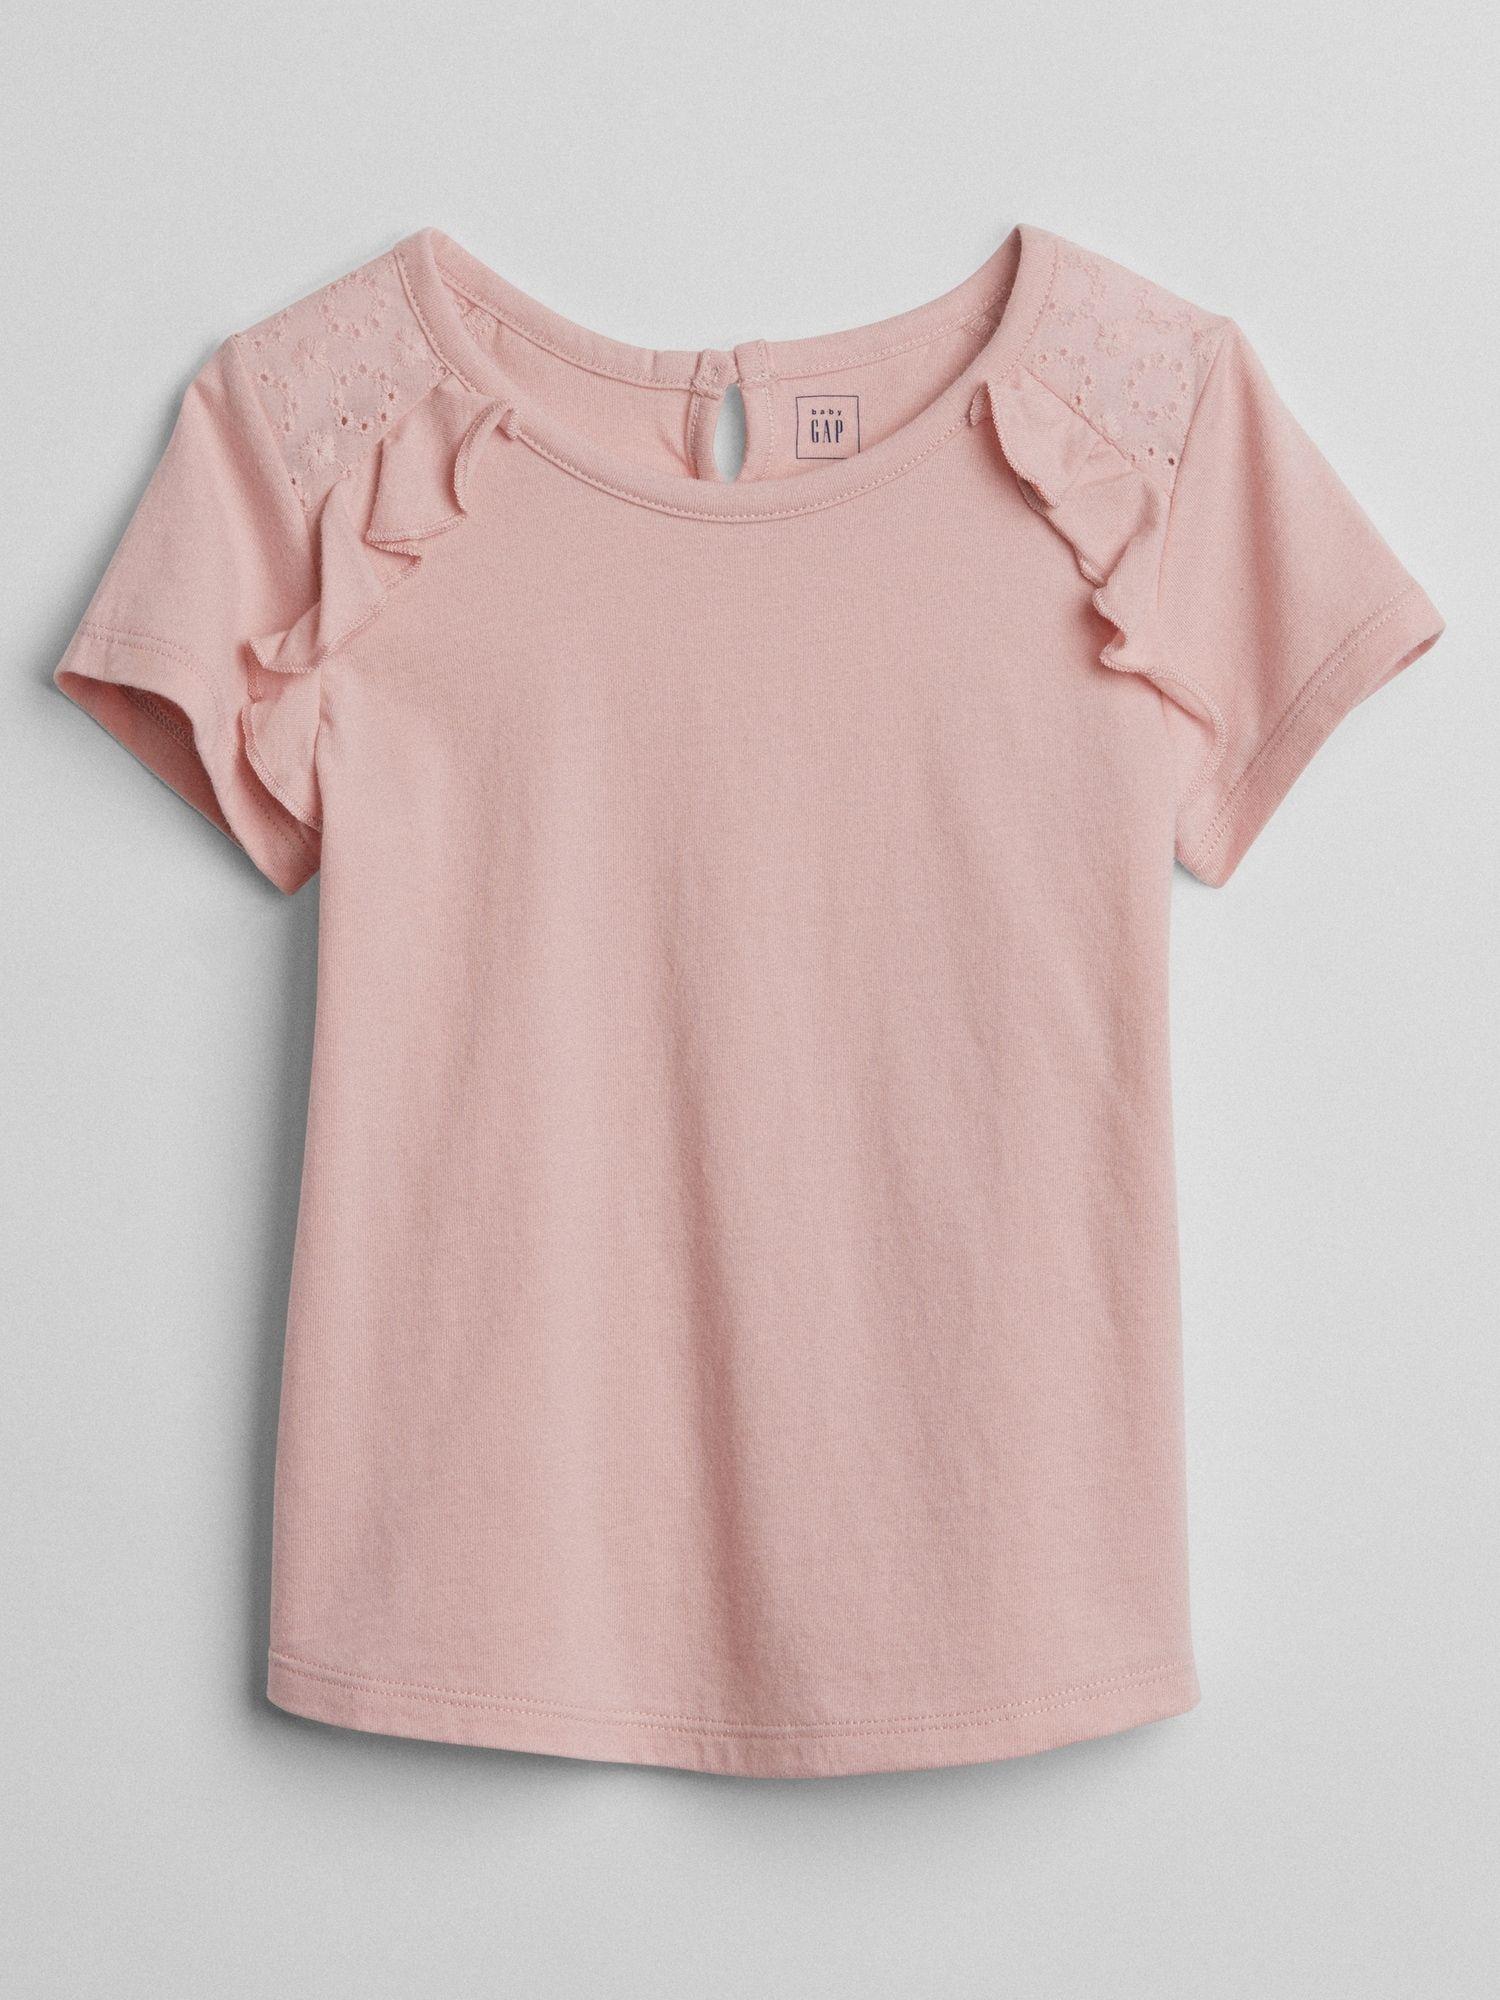 5e9bed959 Embroidery Flutter T-Shirt | Gap | Kids wear | Shirts, Toddler girl ...